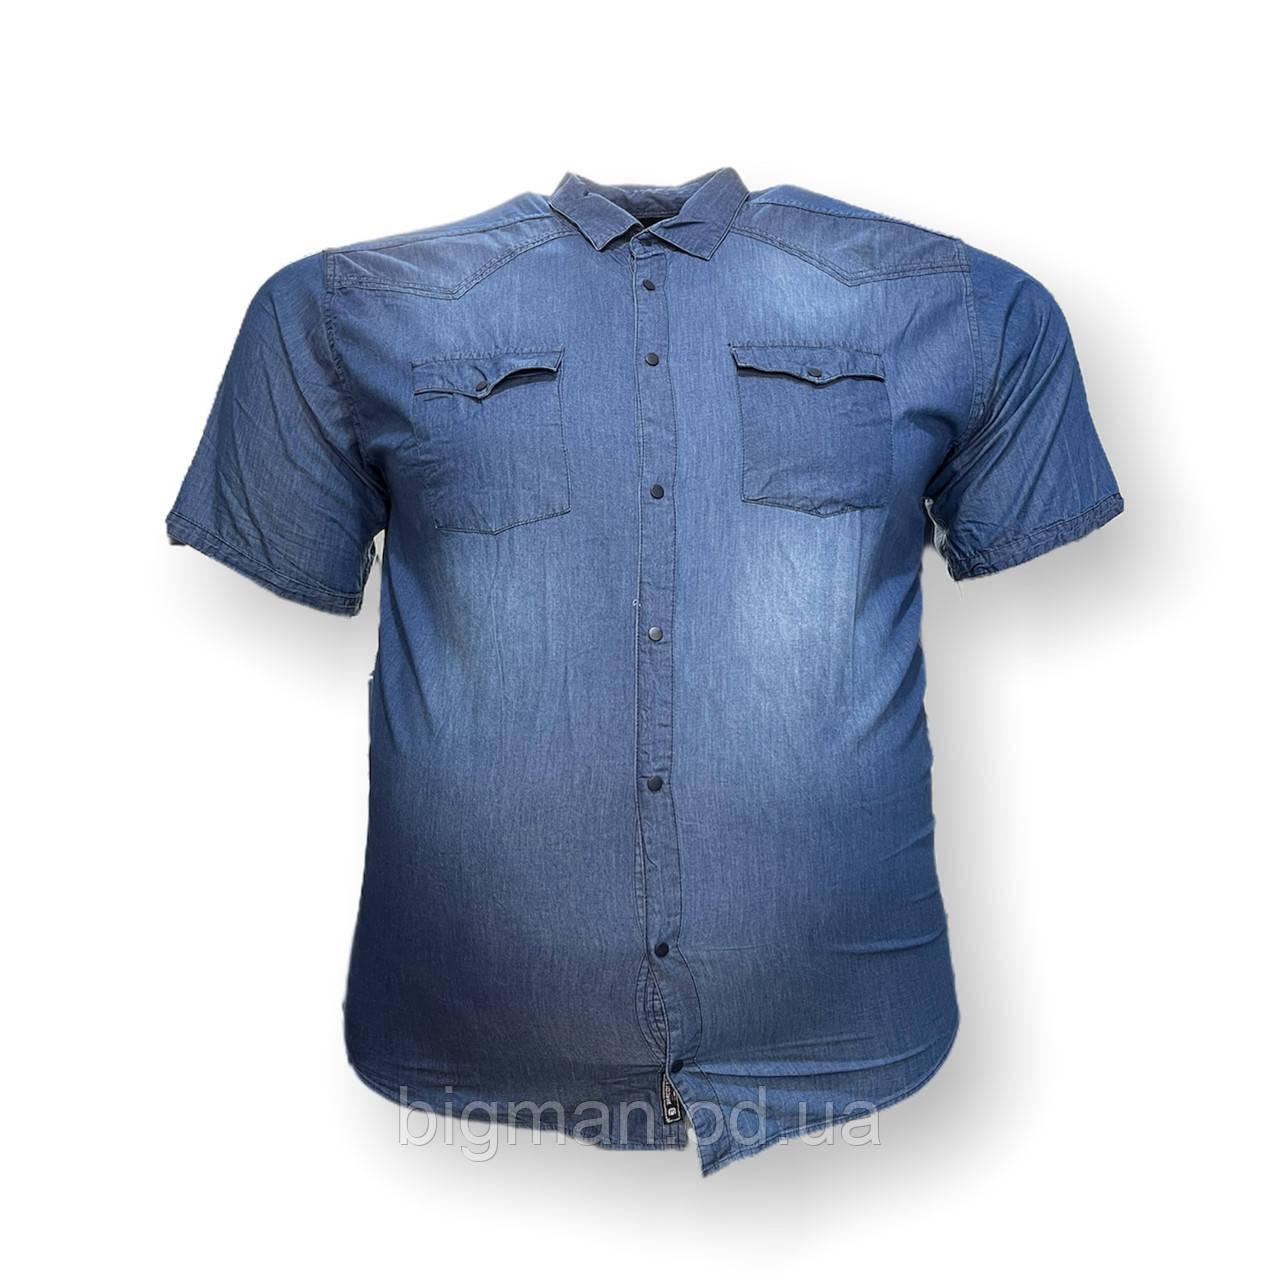 Чоловіча джинс сорочка з коротким рукавом Barcotti 16088 2XL 3XL 4XL 5XL 6XL синя великі розміри батал Туреччина